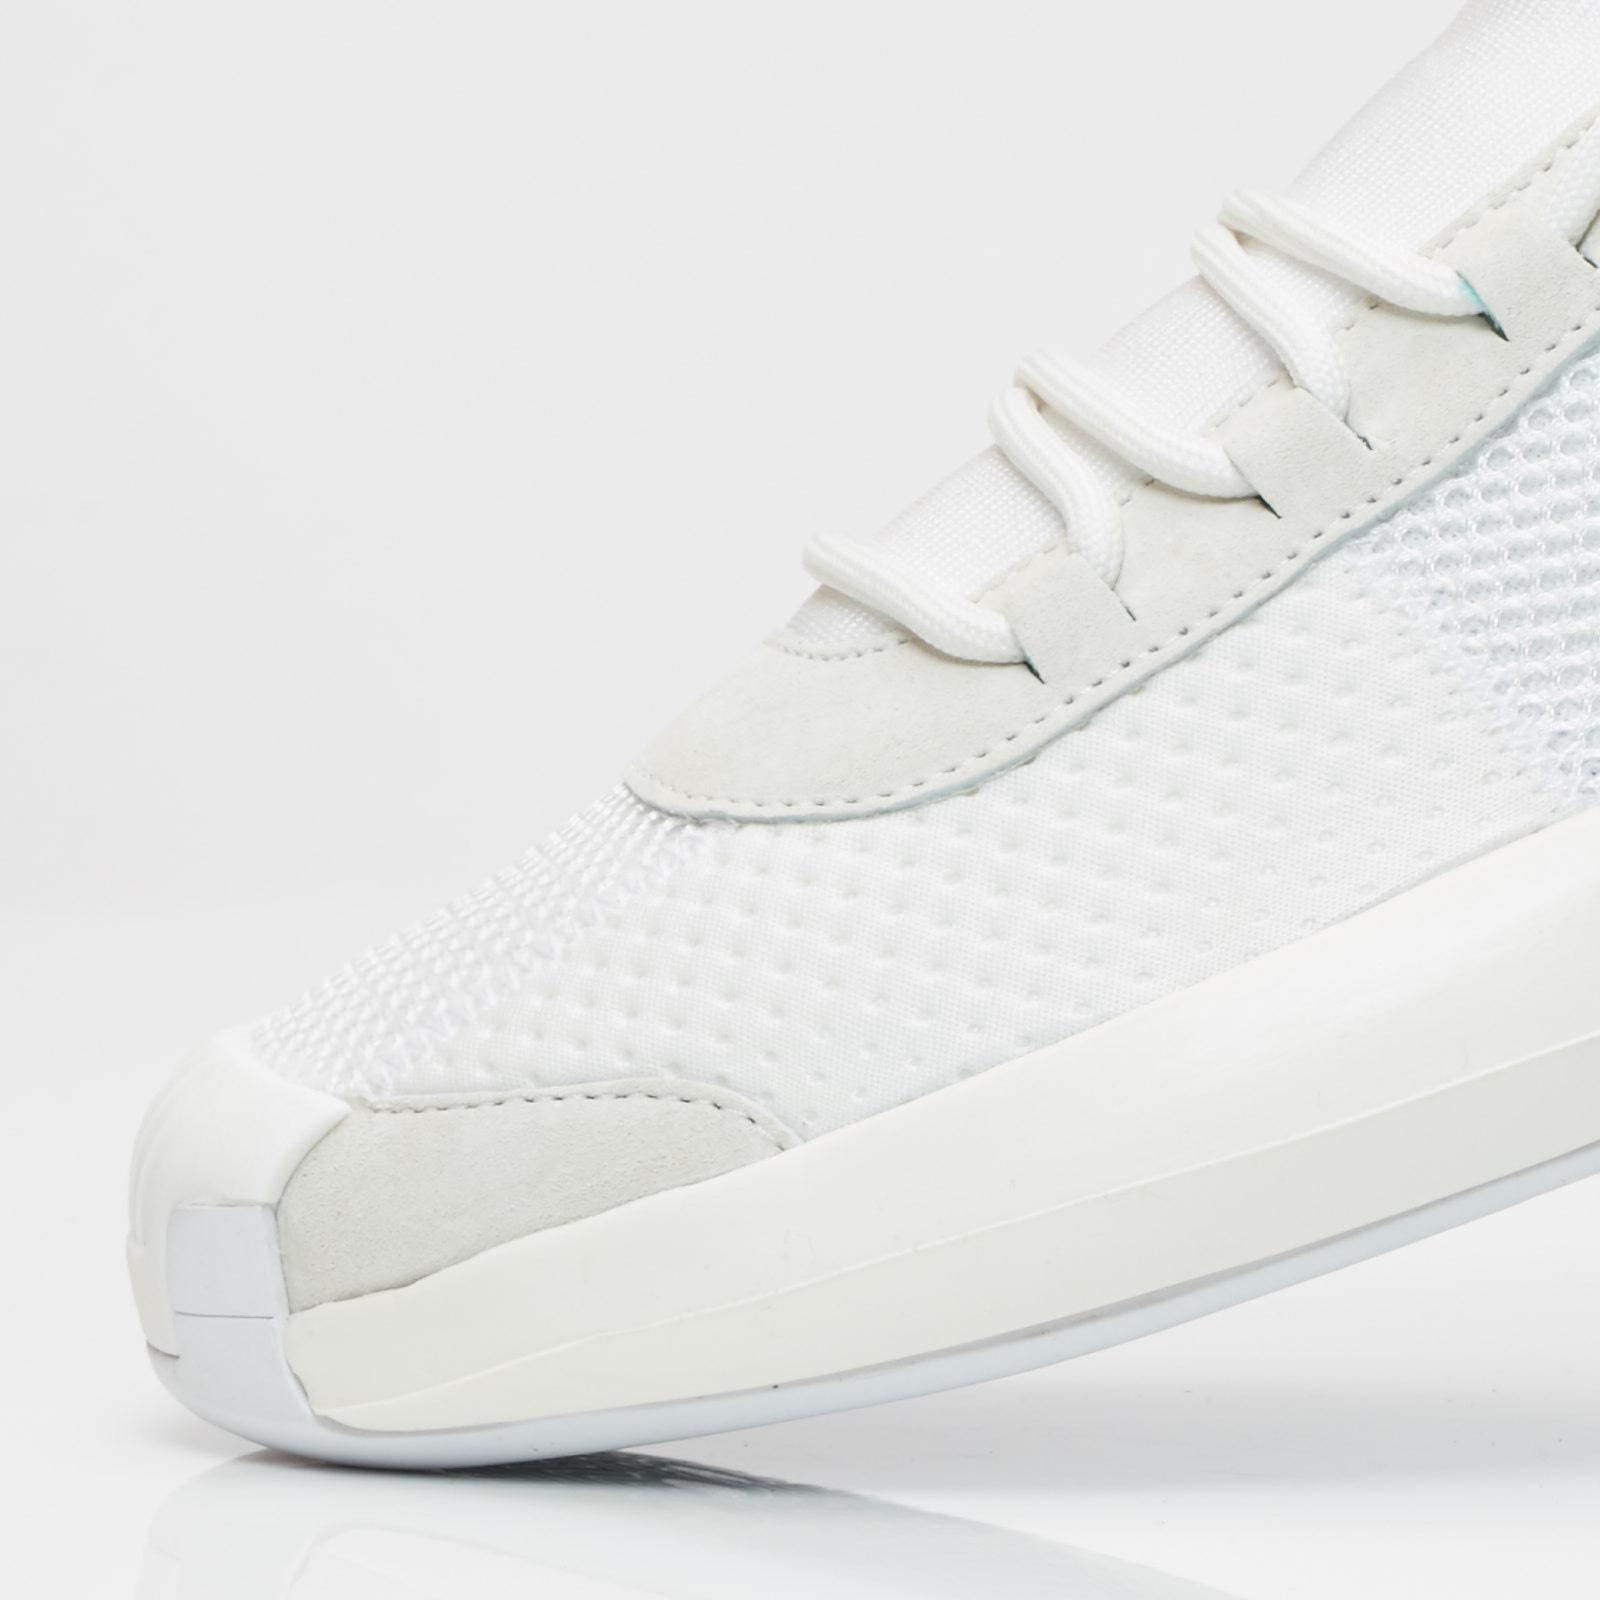 sale retailer a745b 04e43 ... adidas Consortium Crazy 1 x Nice Kicks ...